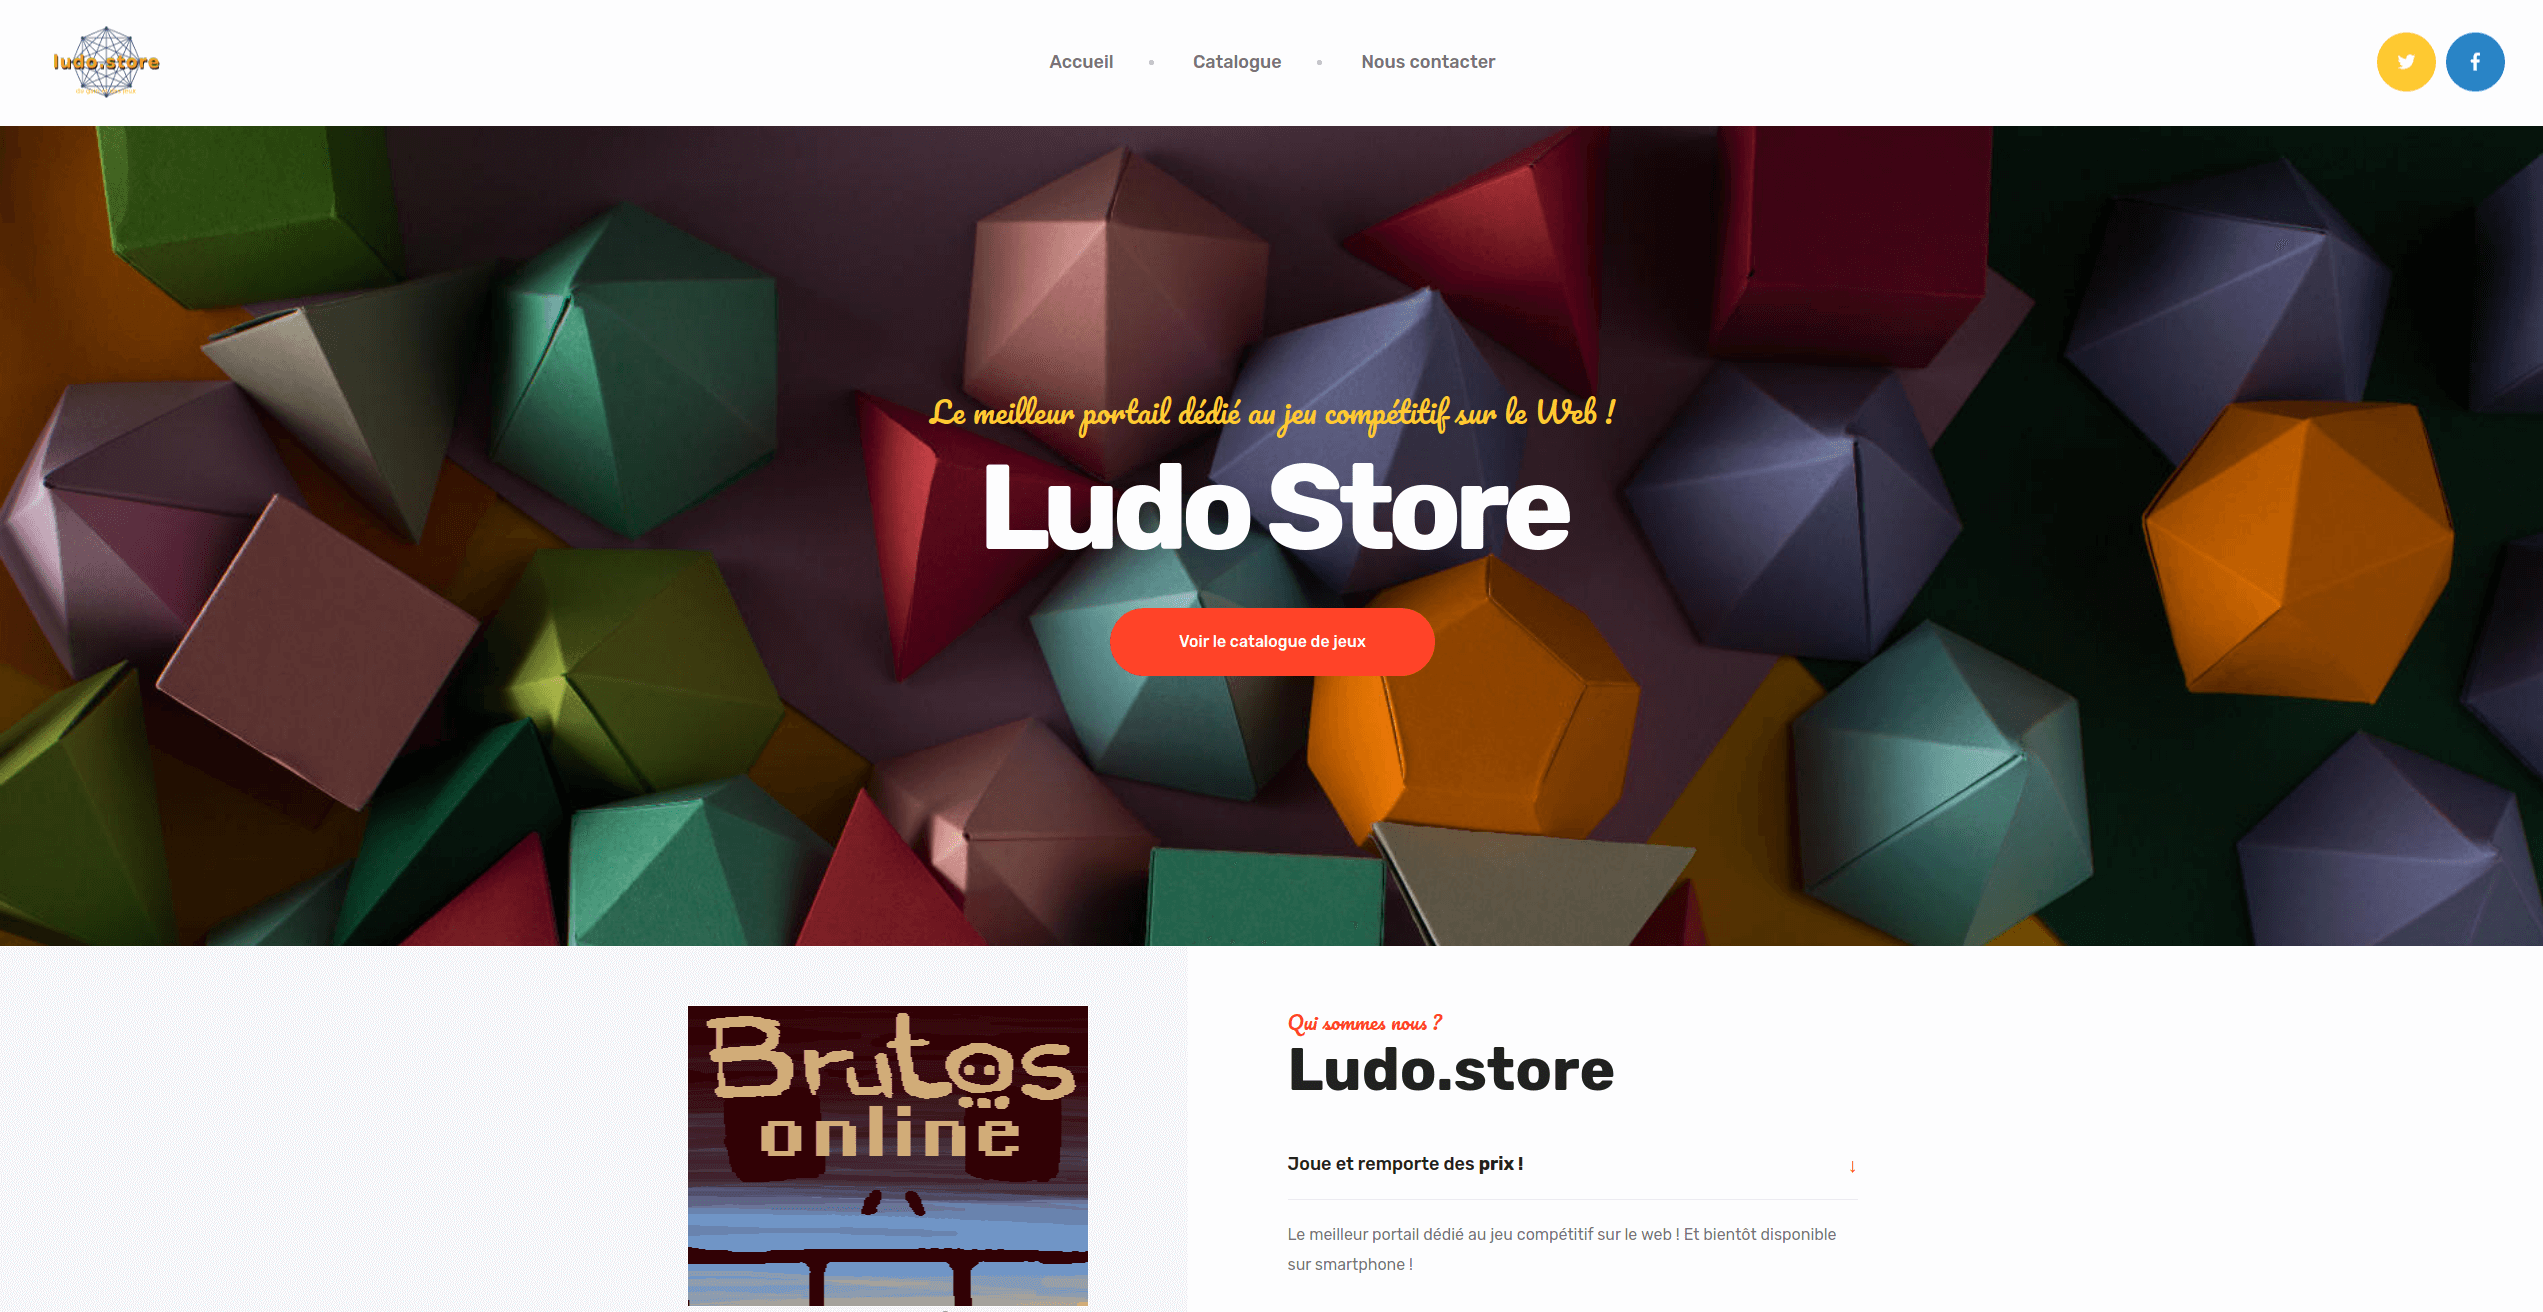 Gaudia Tech - Un portail dédié au jeu compétitif sur le Web !